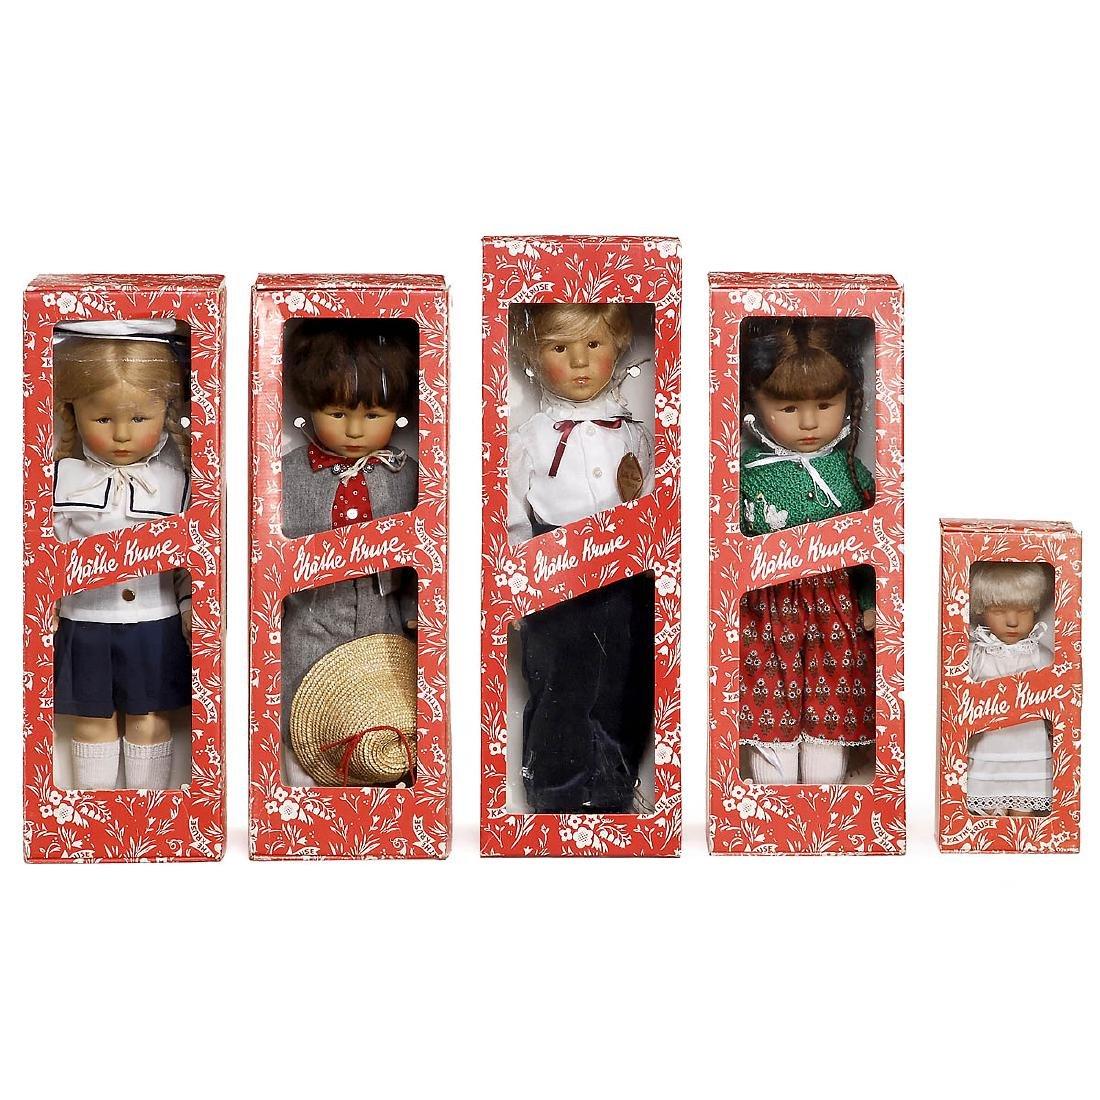 5 Boxed Käthe Kruse Dolls, c. 1980